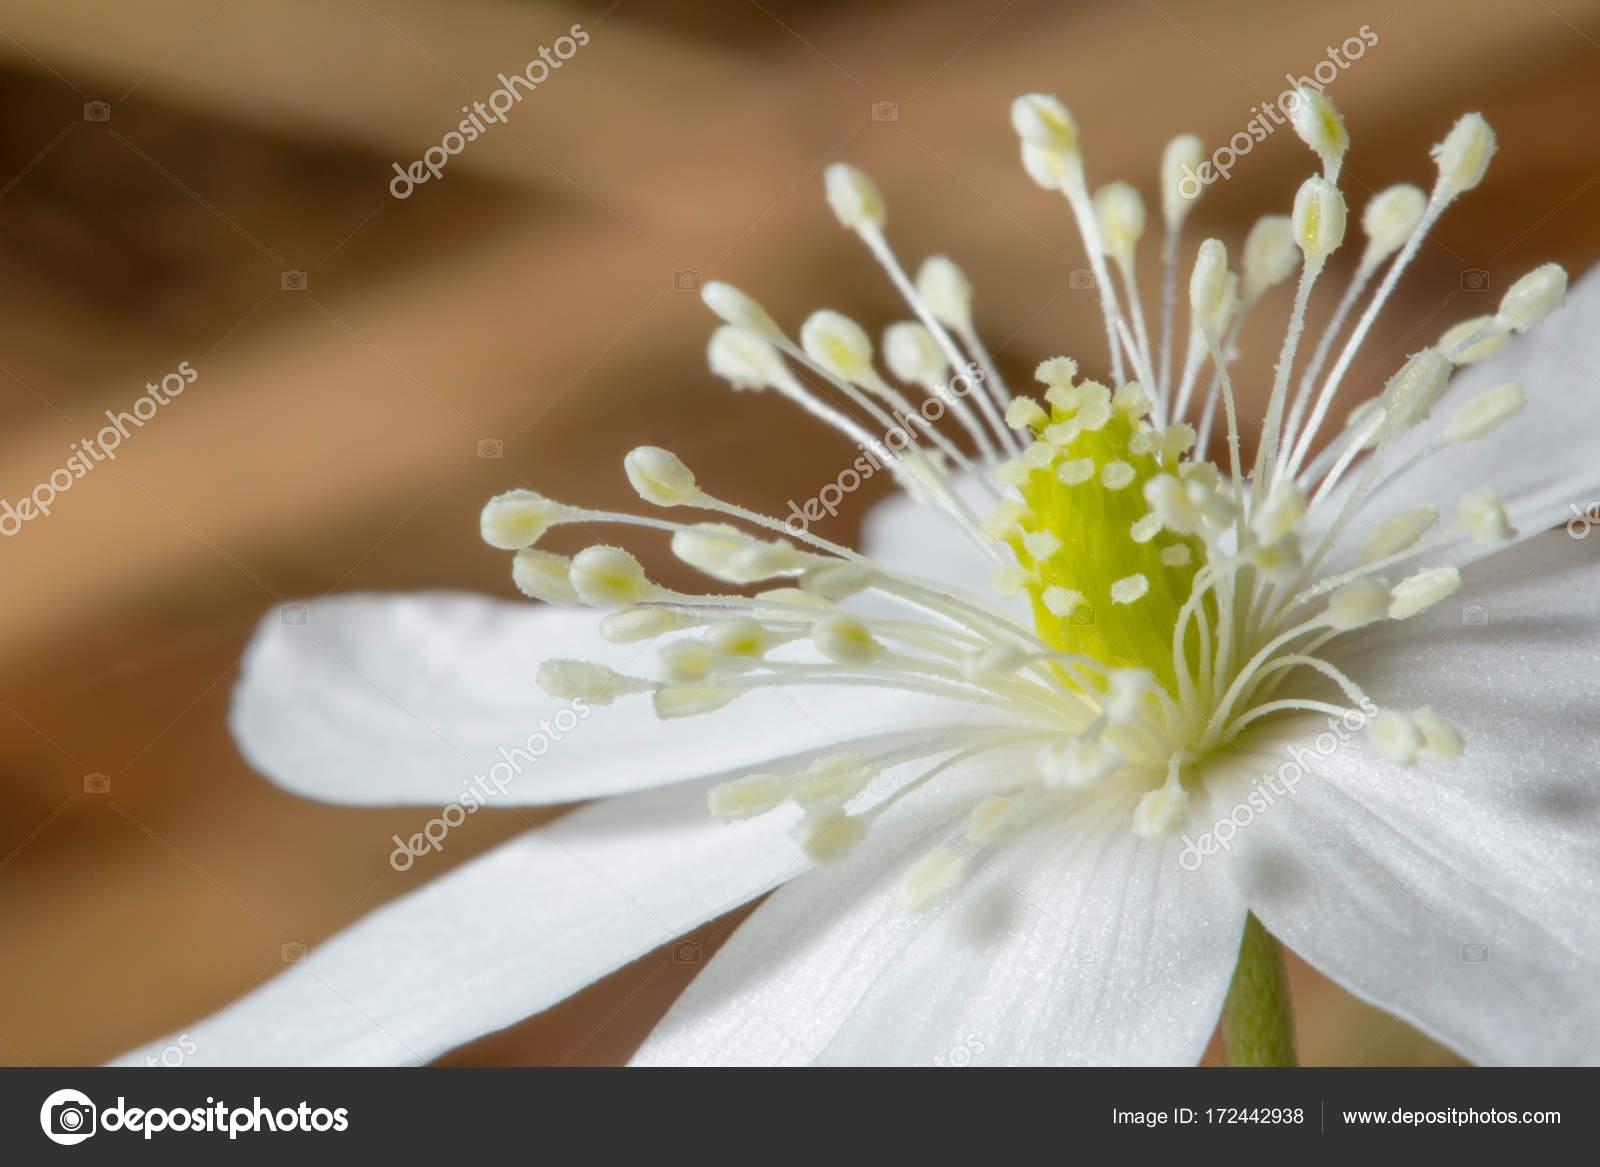 Schone Macrophoto Schneeglockchen Die Ersten Fruhlingsblumen Auf